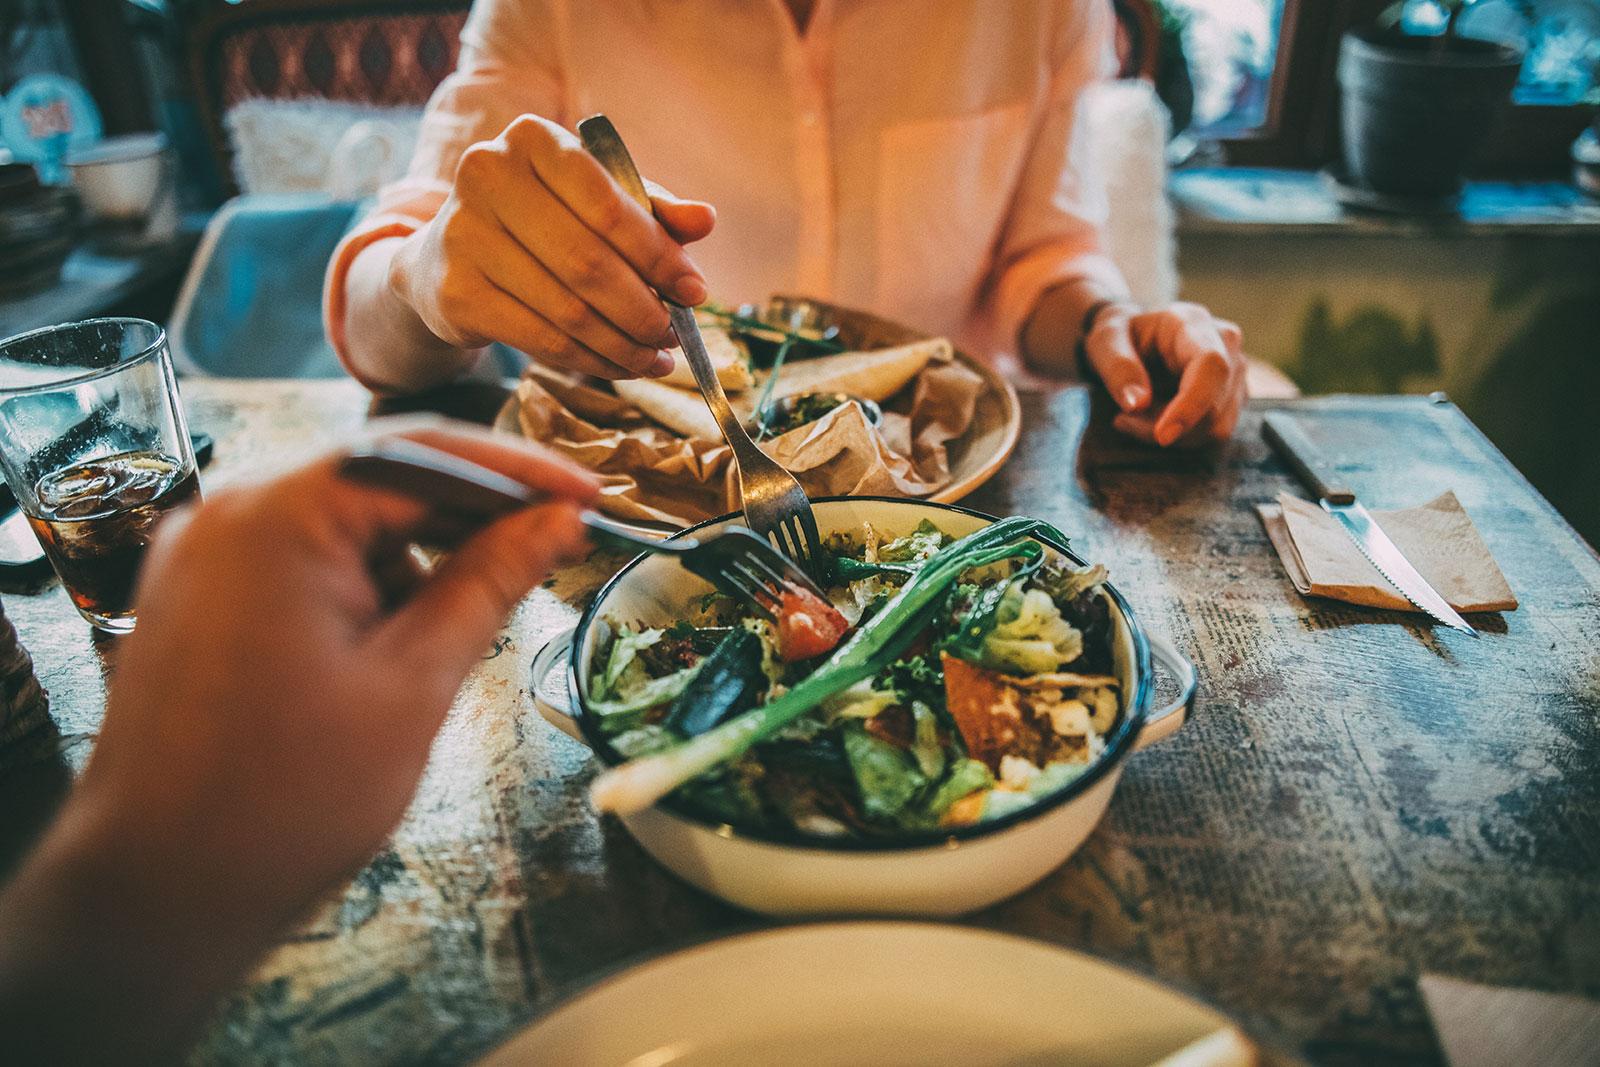 Die Auswahl an Speisen ist heute vielfältiger denn je. Was aber ist gesund?